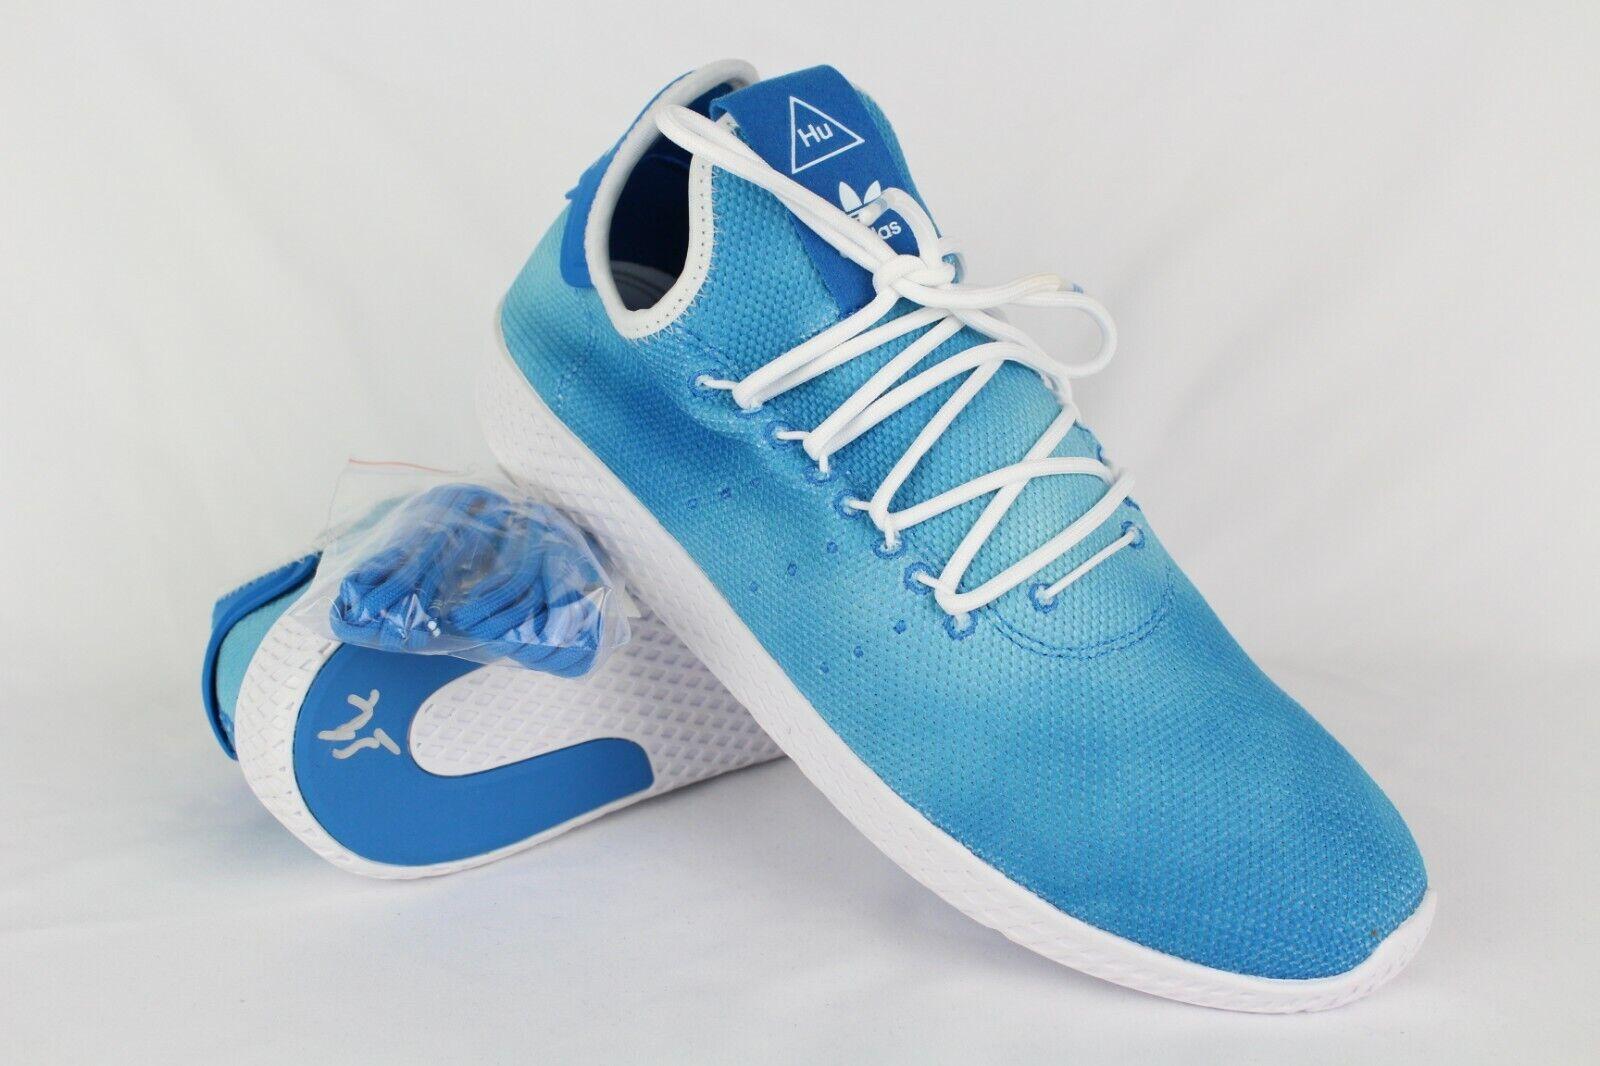 New New New Adidas Men's Pharrell Williams Tennis HU Primeknit 10.5m Bright bluee Cloud acb38b